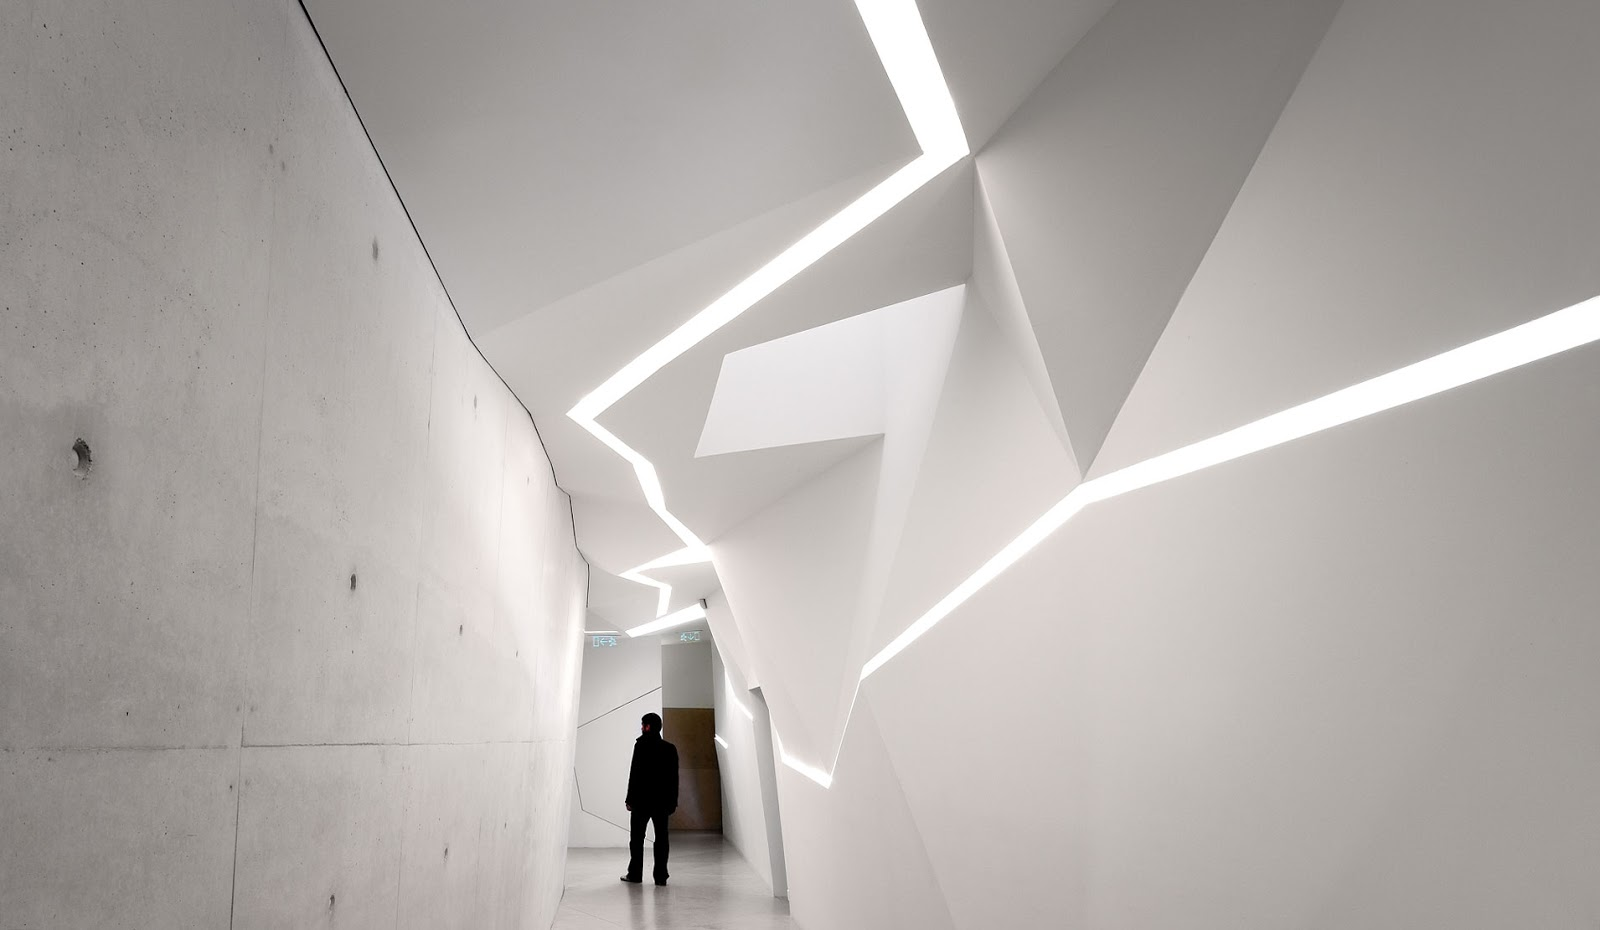 Light architecture vodafone building oporto for Lighting architectural interiors